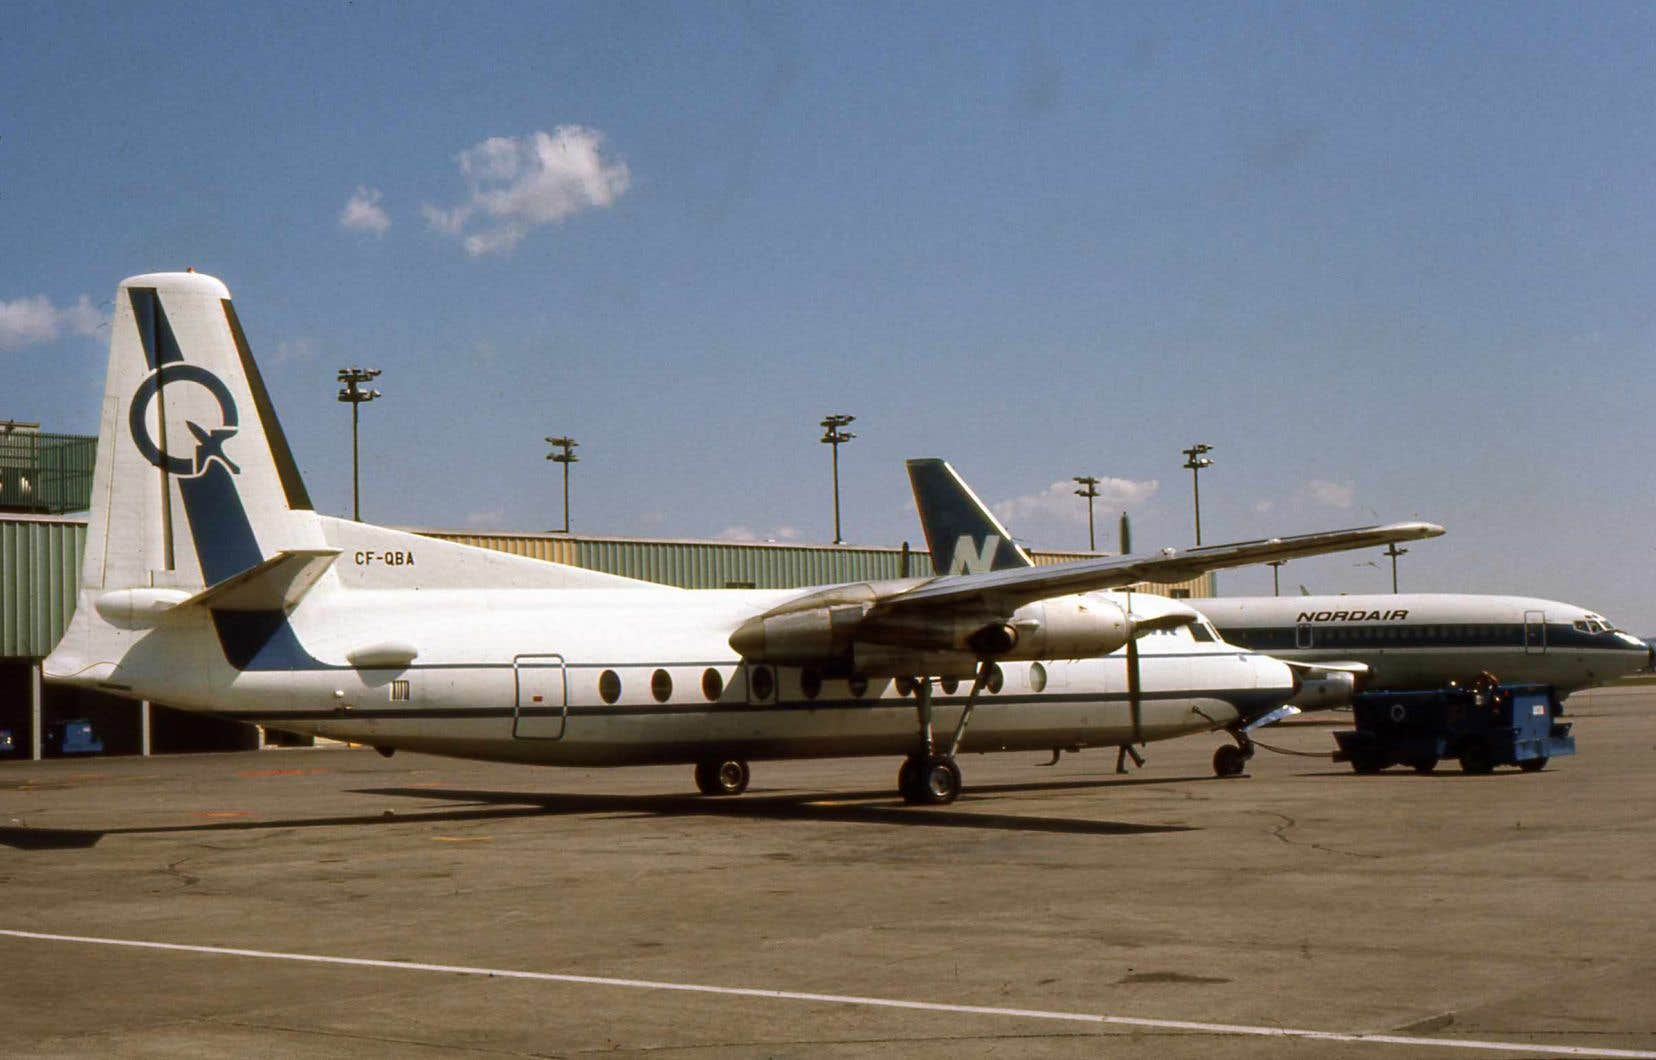 Des avions de Québecair (premier plan) et Nordair, sur le tarmac de l'aéroport Dorval, vers 1975.